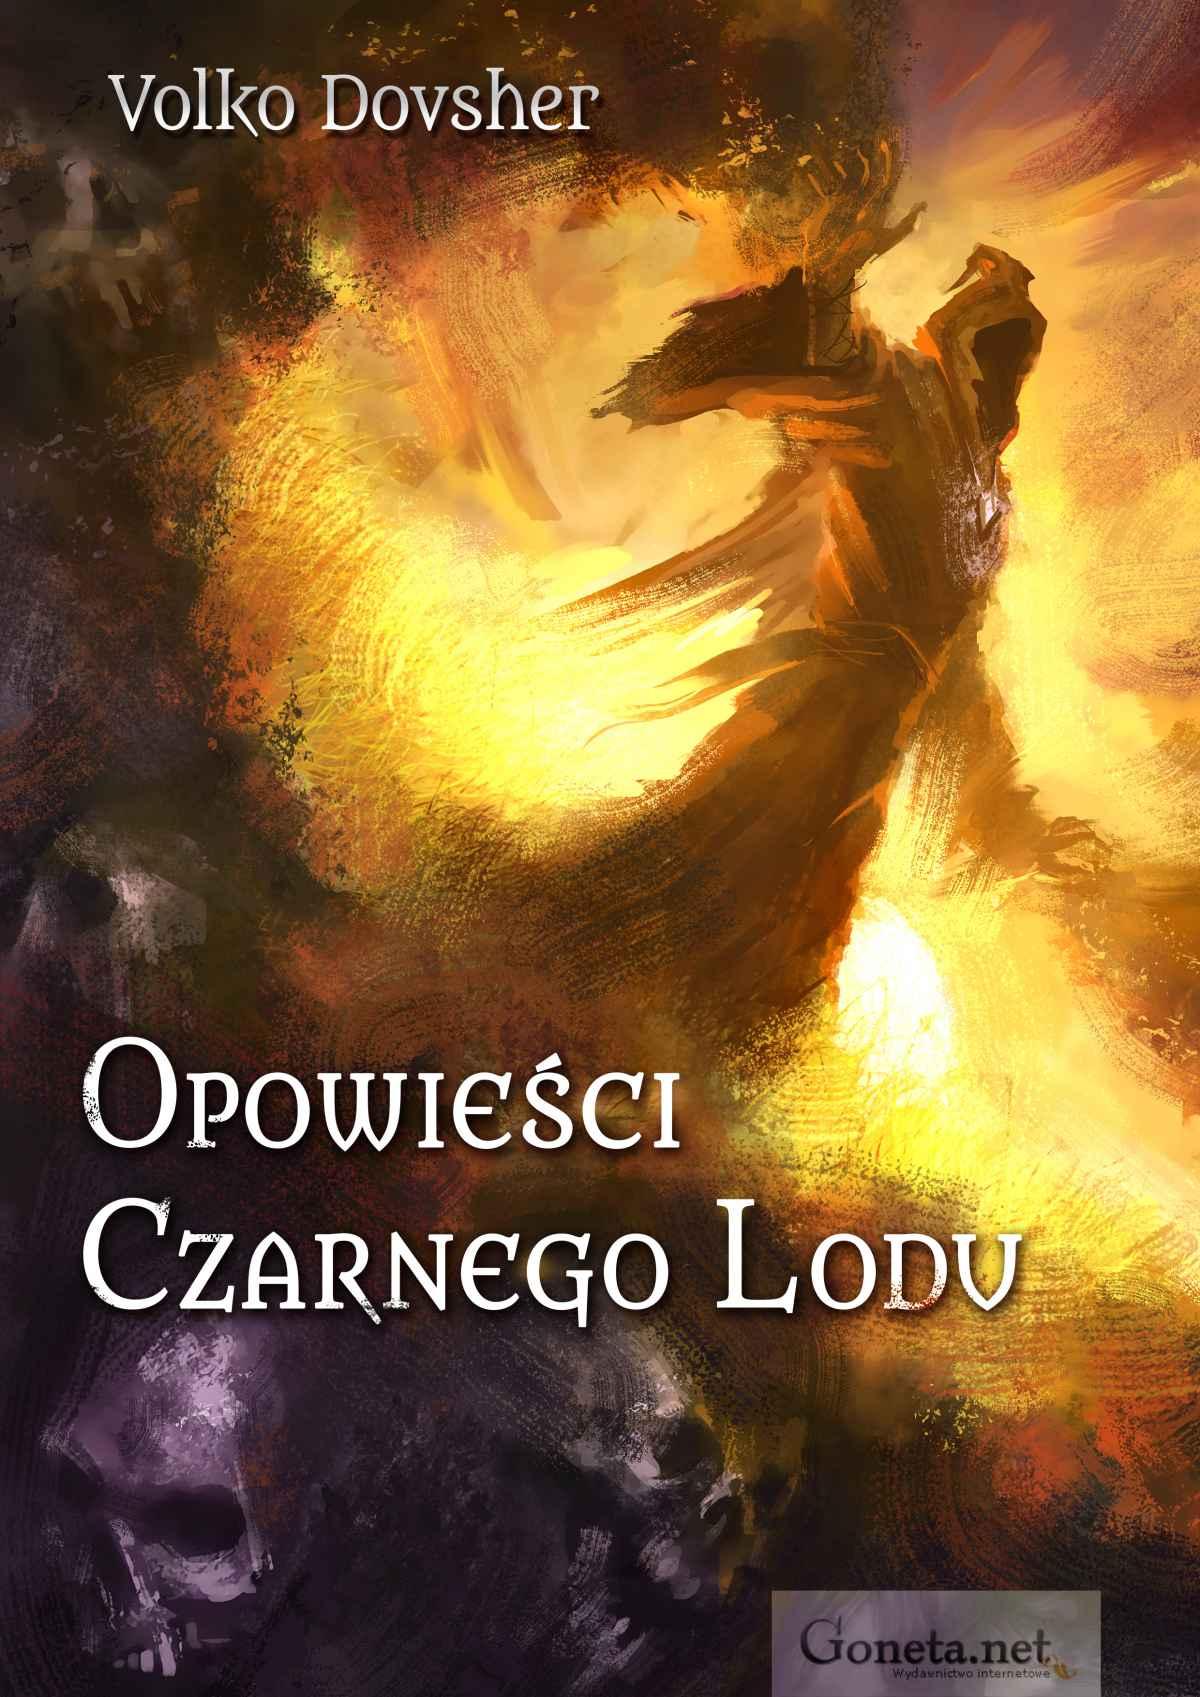 Opowieści Czarnego Lodu - Tylko w Legimi możesz przeczytać ten tytuł przez 7 dni za darmo. - Volko Dovsher